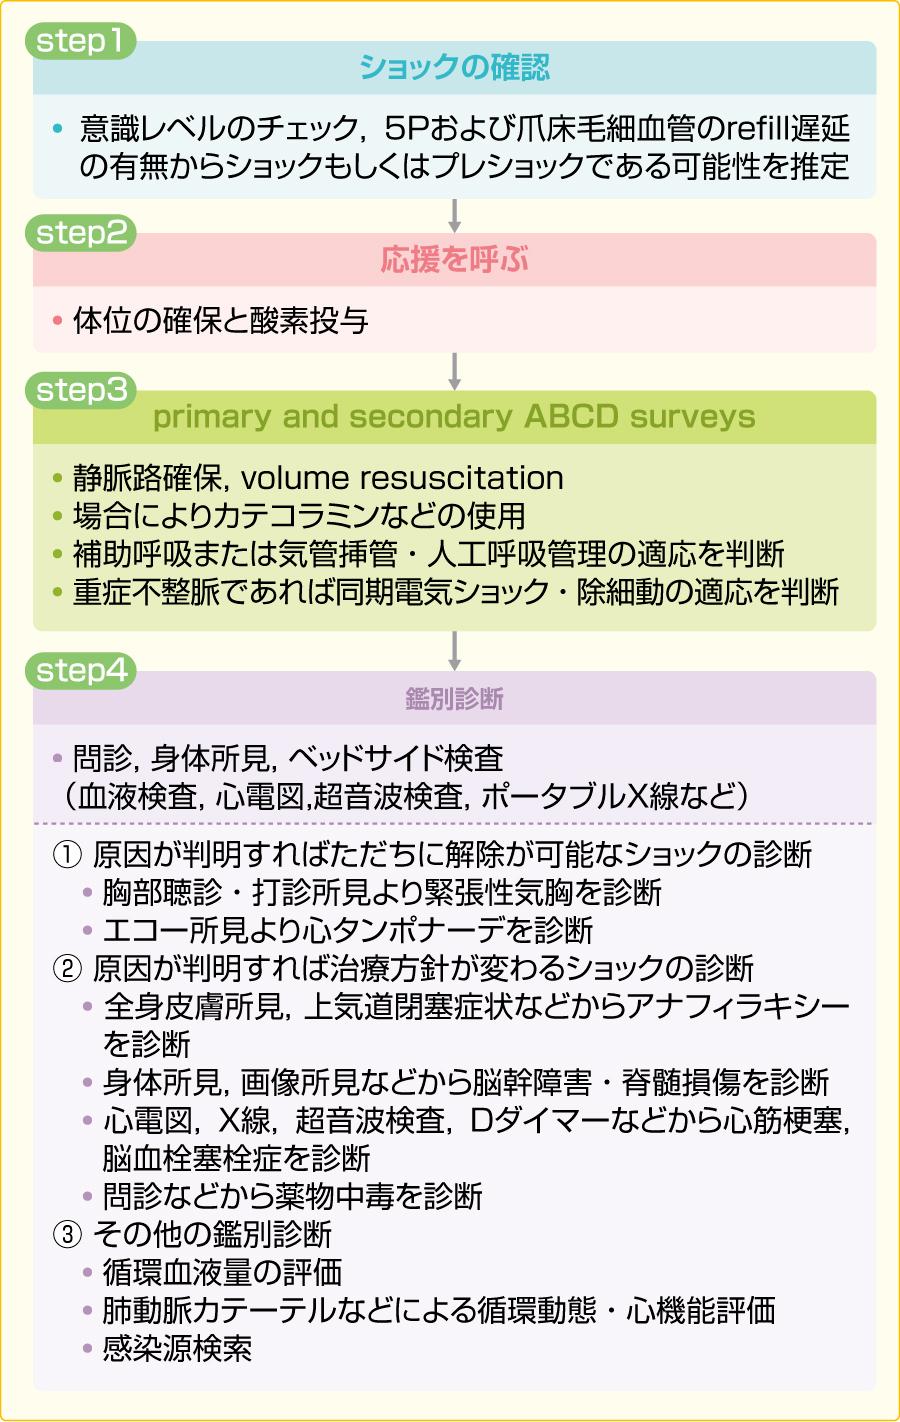 ショック患者の初期診断・評価・治療